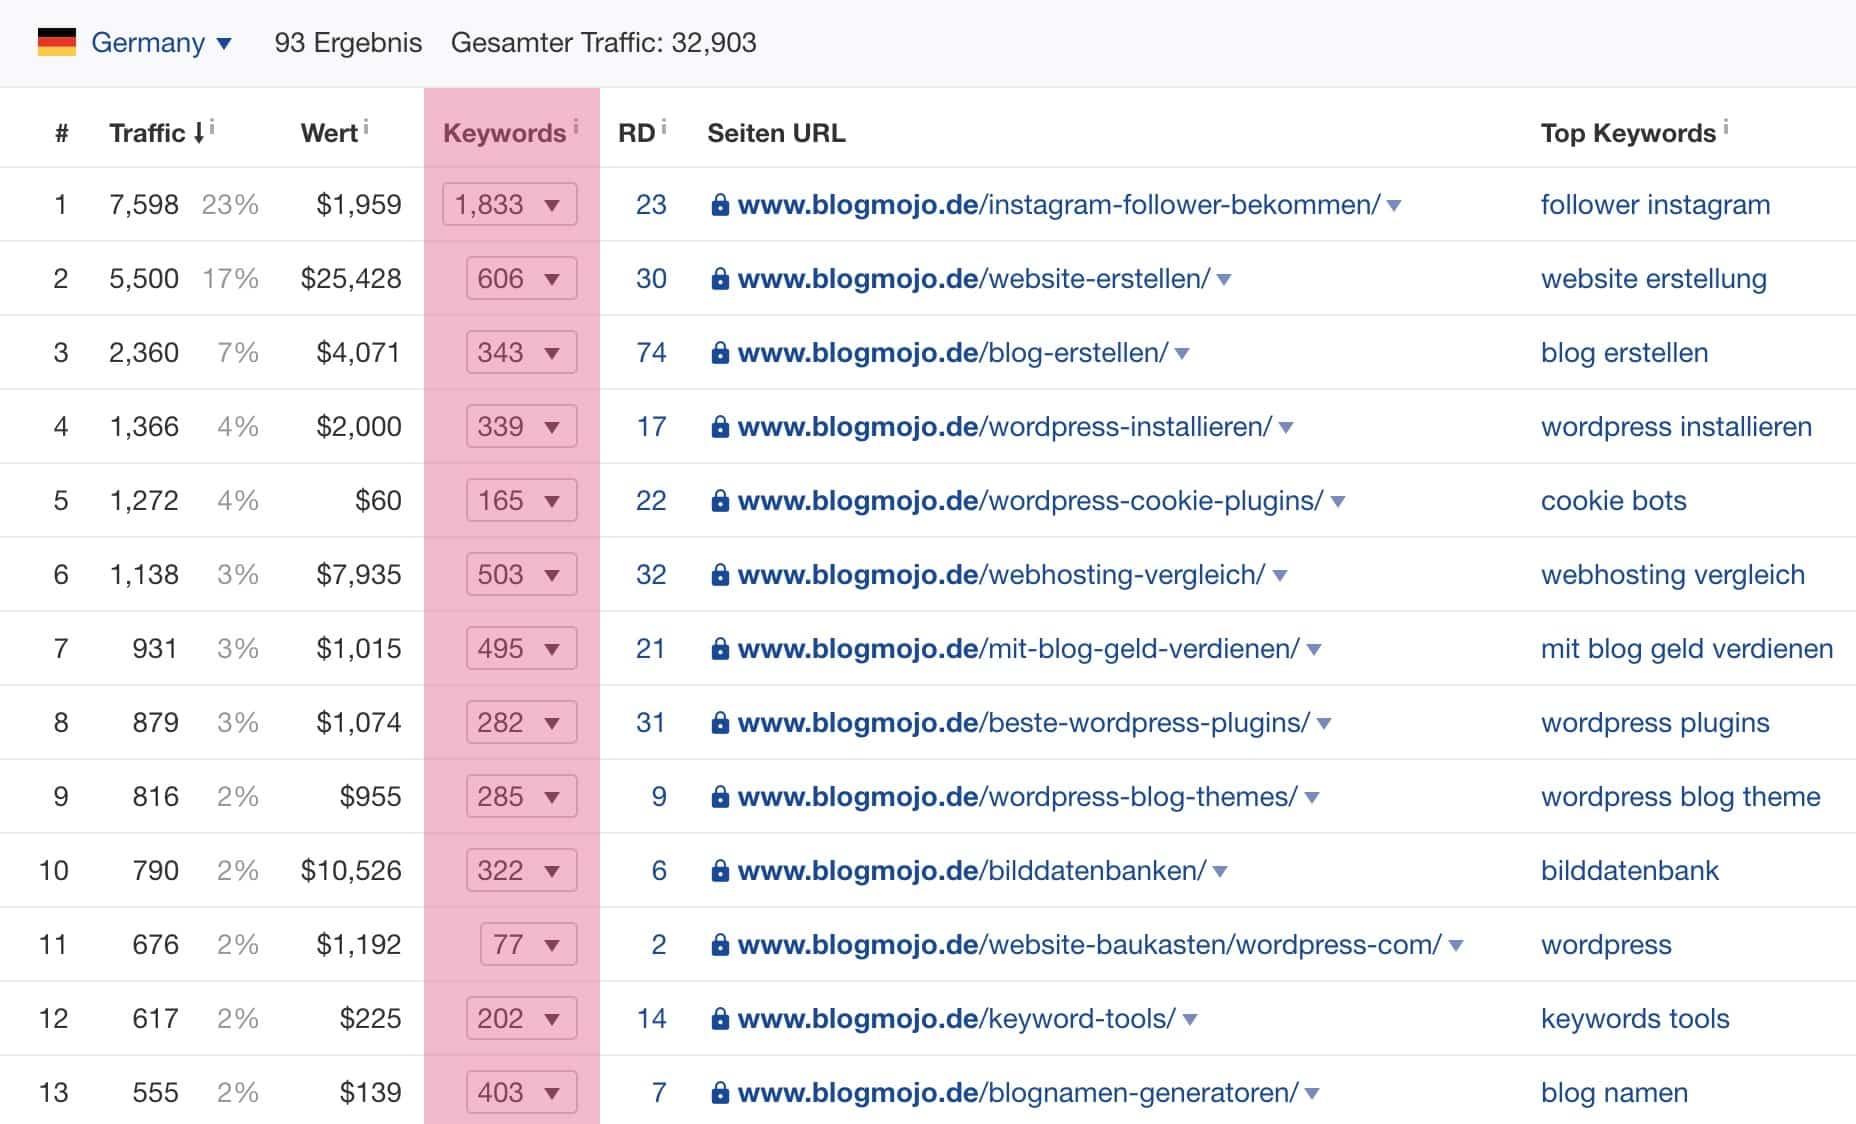 Anzahl Keyword für Top-Seiten